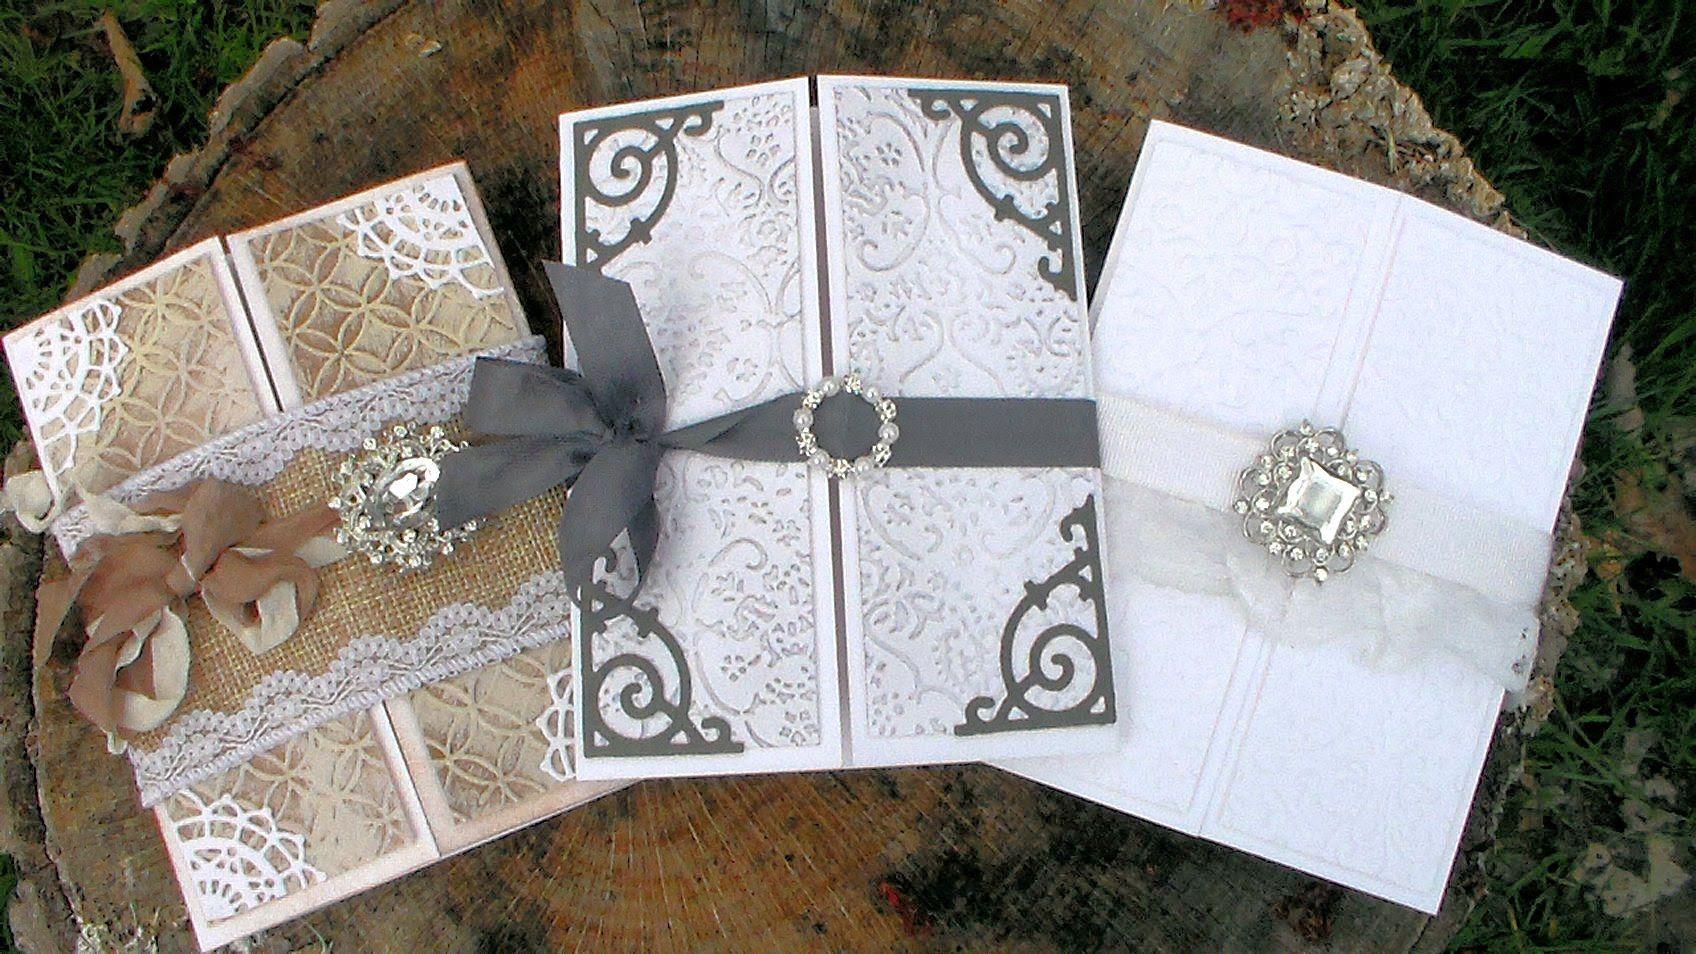 DIY Wedding Invitations // Beginner Friendly // Helpful Tips! | Wedding  invitations diy, Wedding card diy, Diy wedding